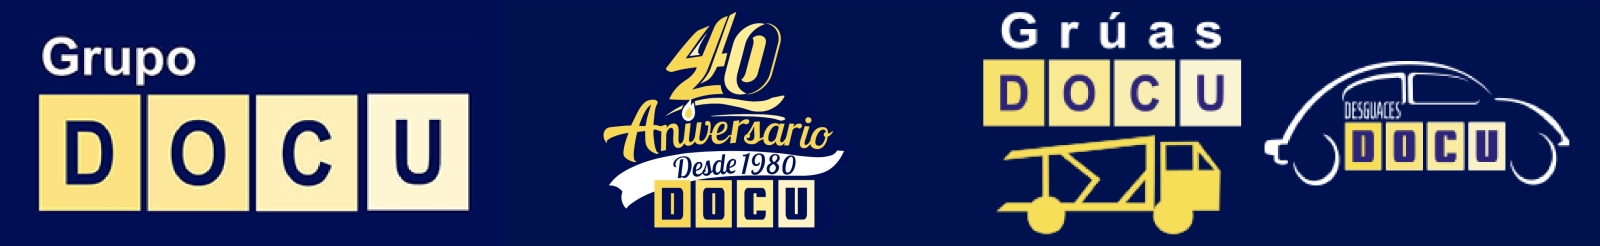 Grupo Docu, Desguaces